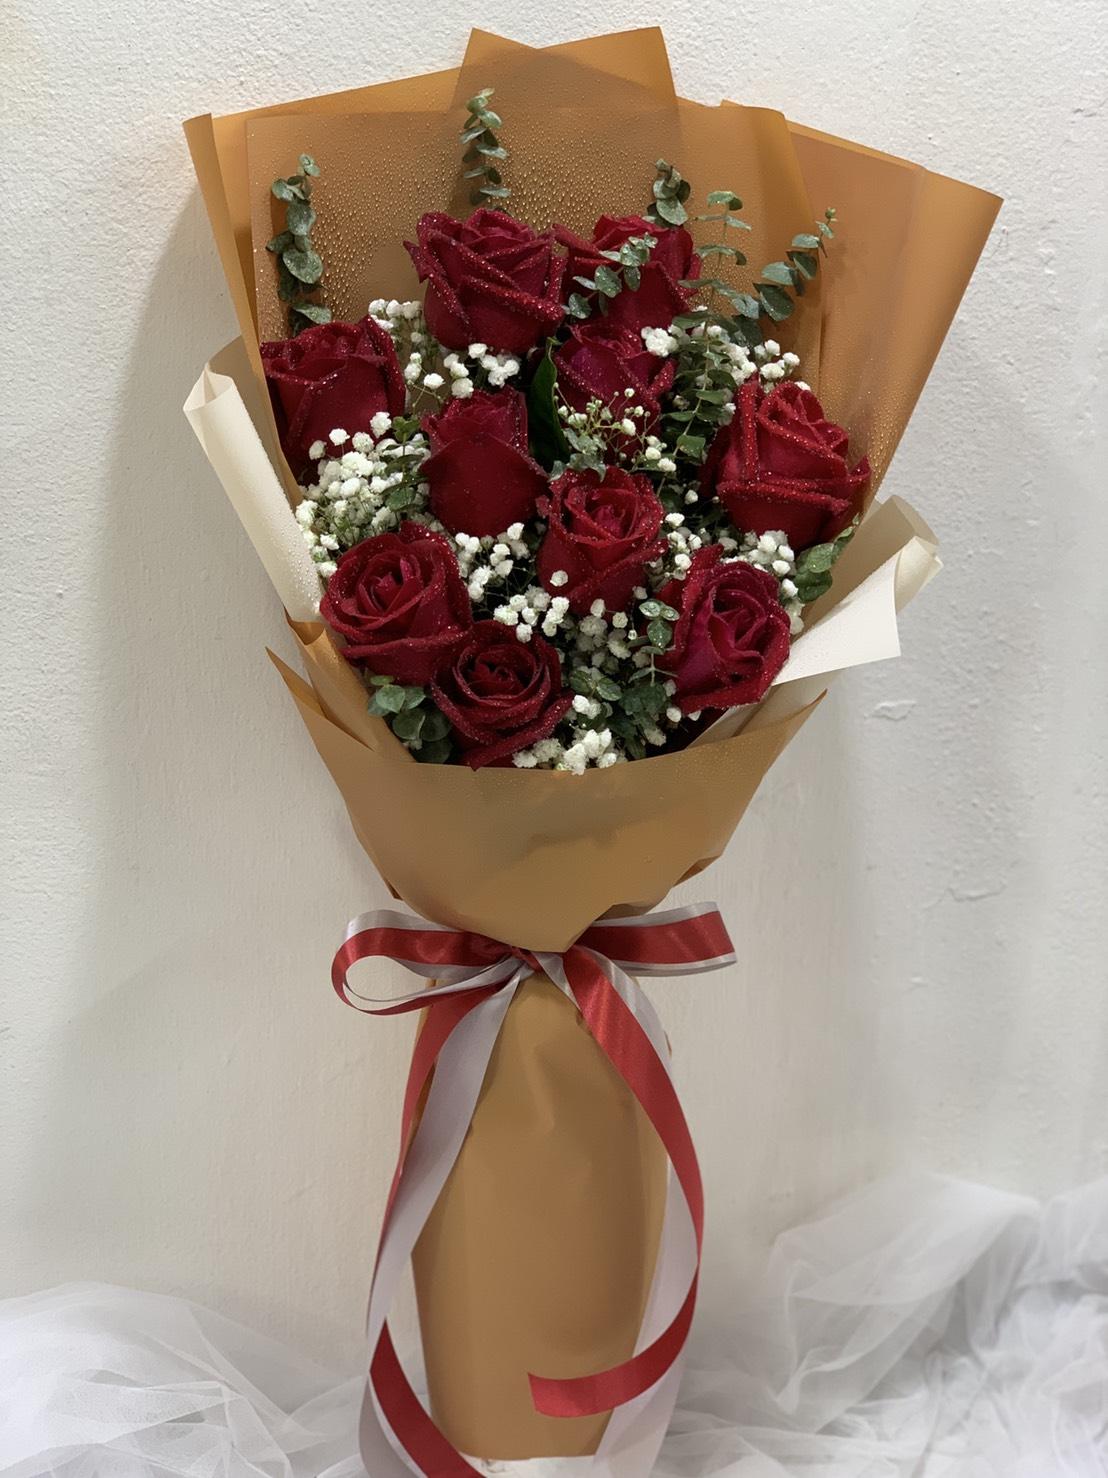 ช่อดอกกุหลาบสีแดงแสนโรแมนติก ห่อด้วยกระดาษสีน้ำตาลเรียบหรู